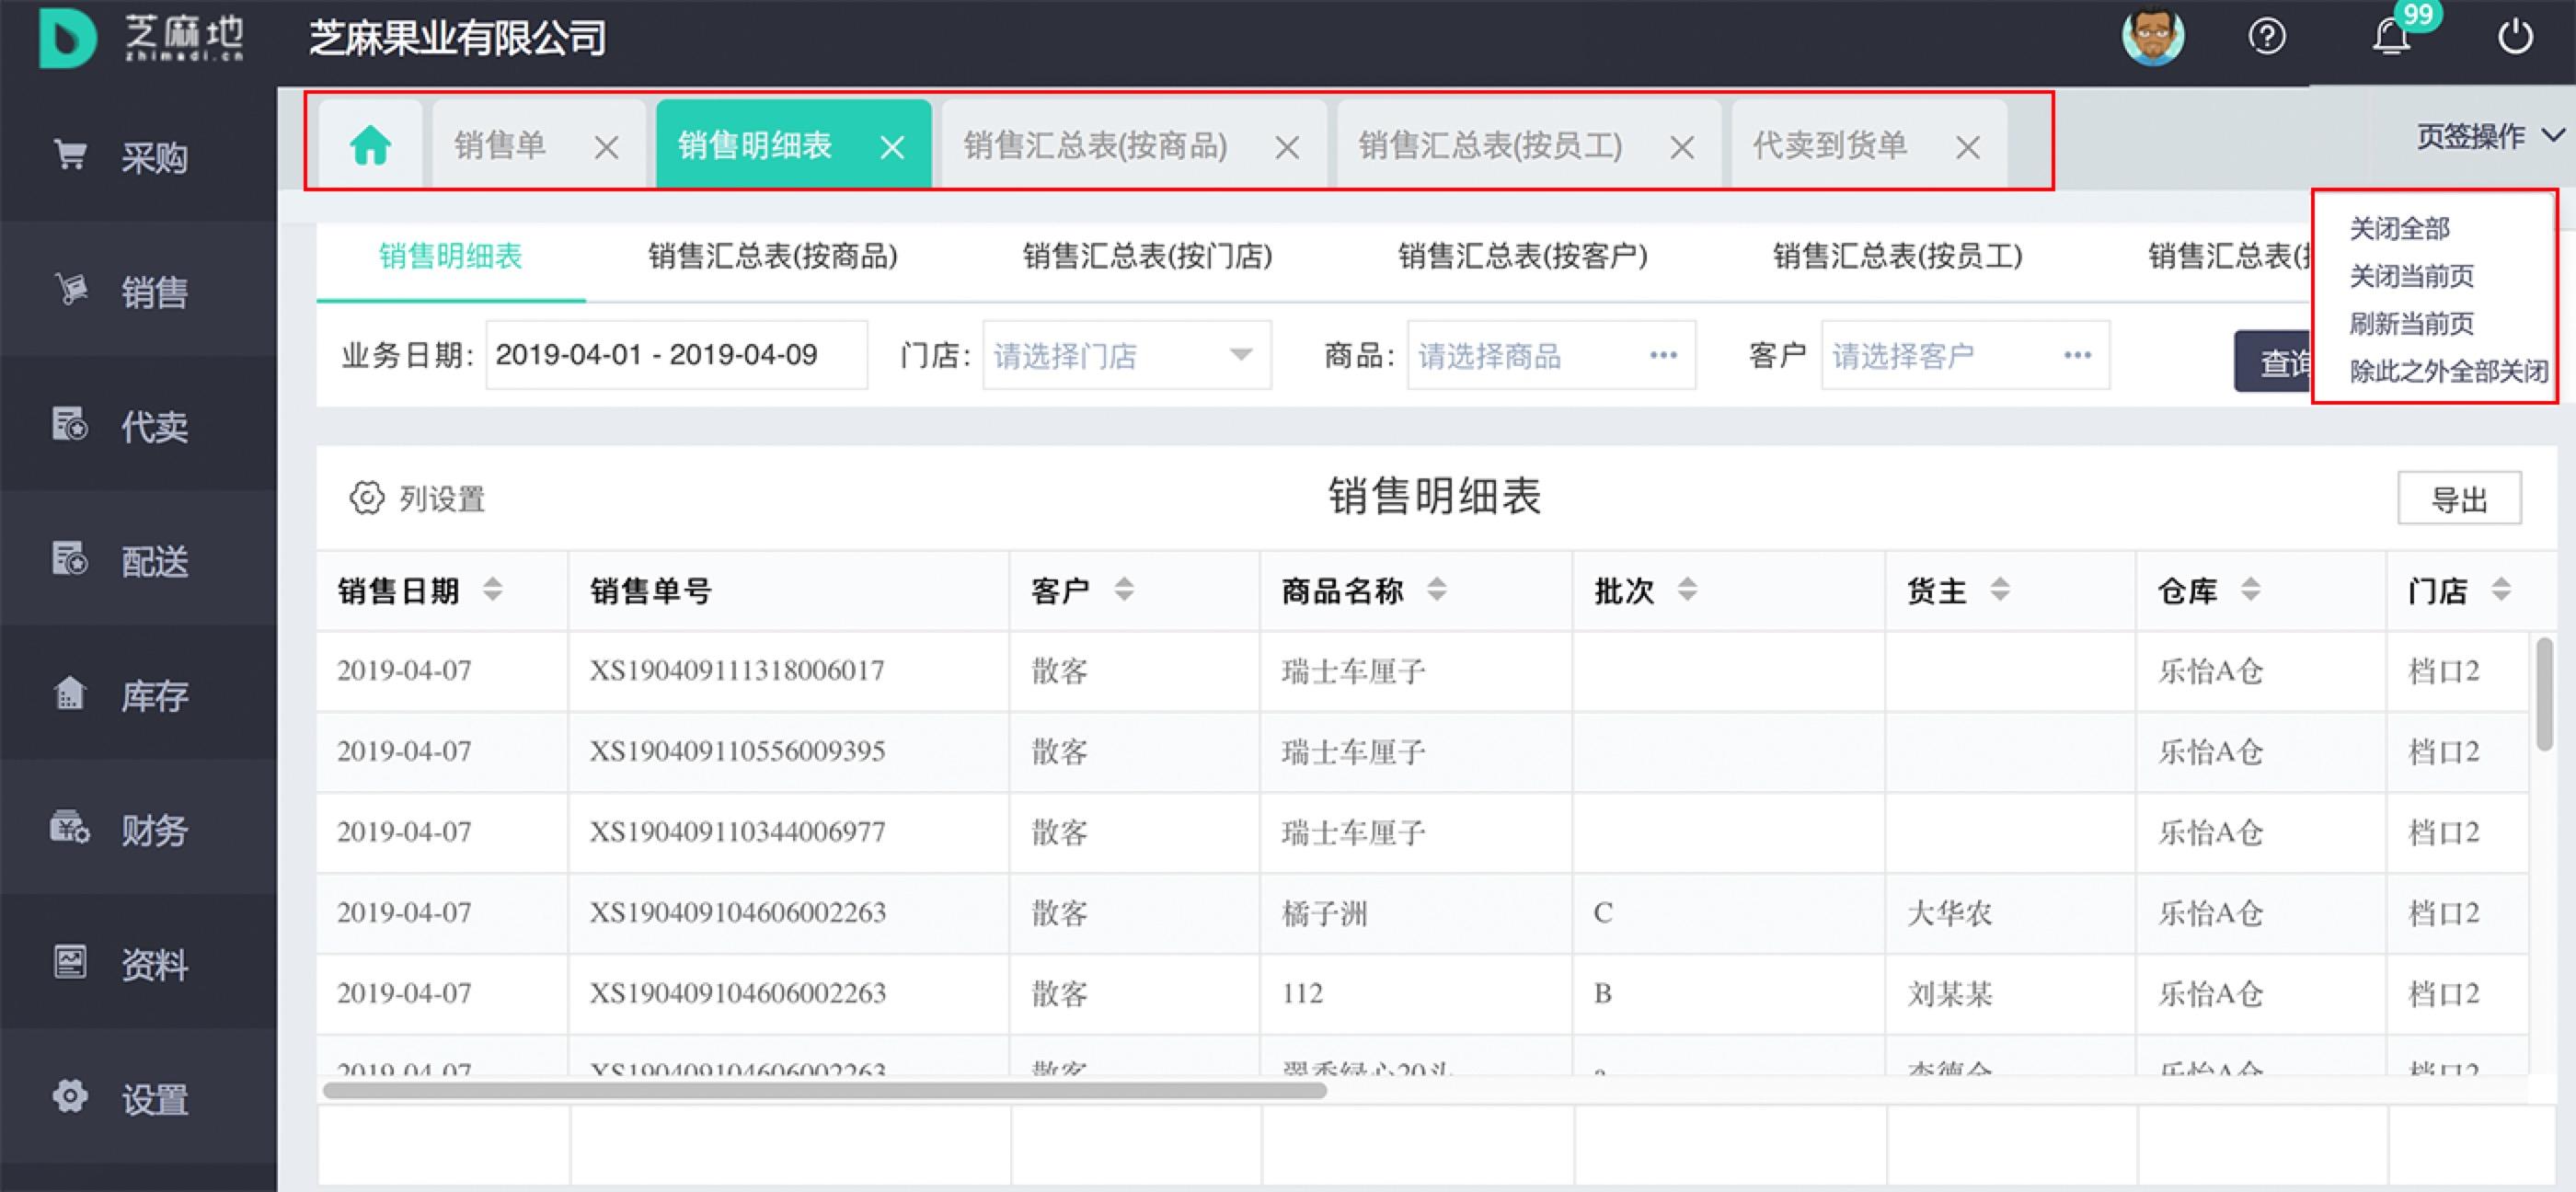 多窗口作业功能.jpg